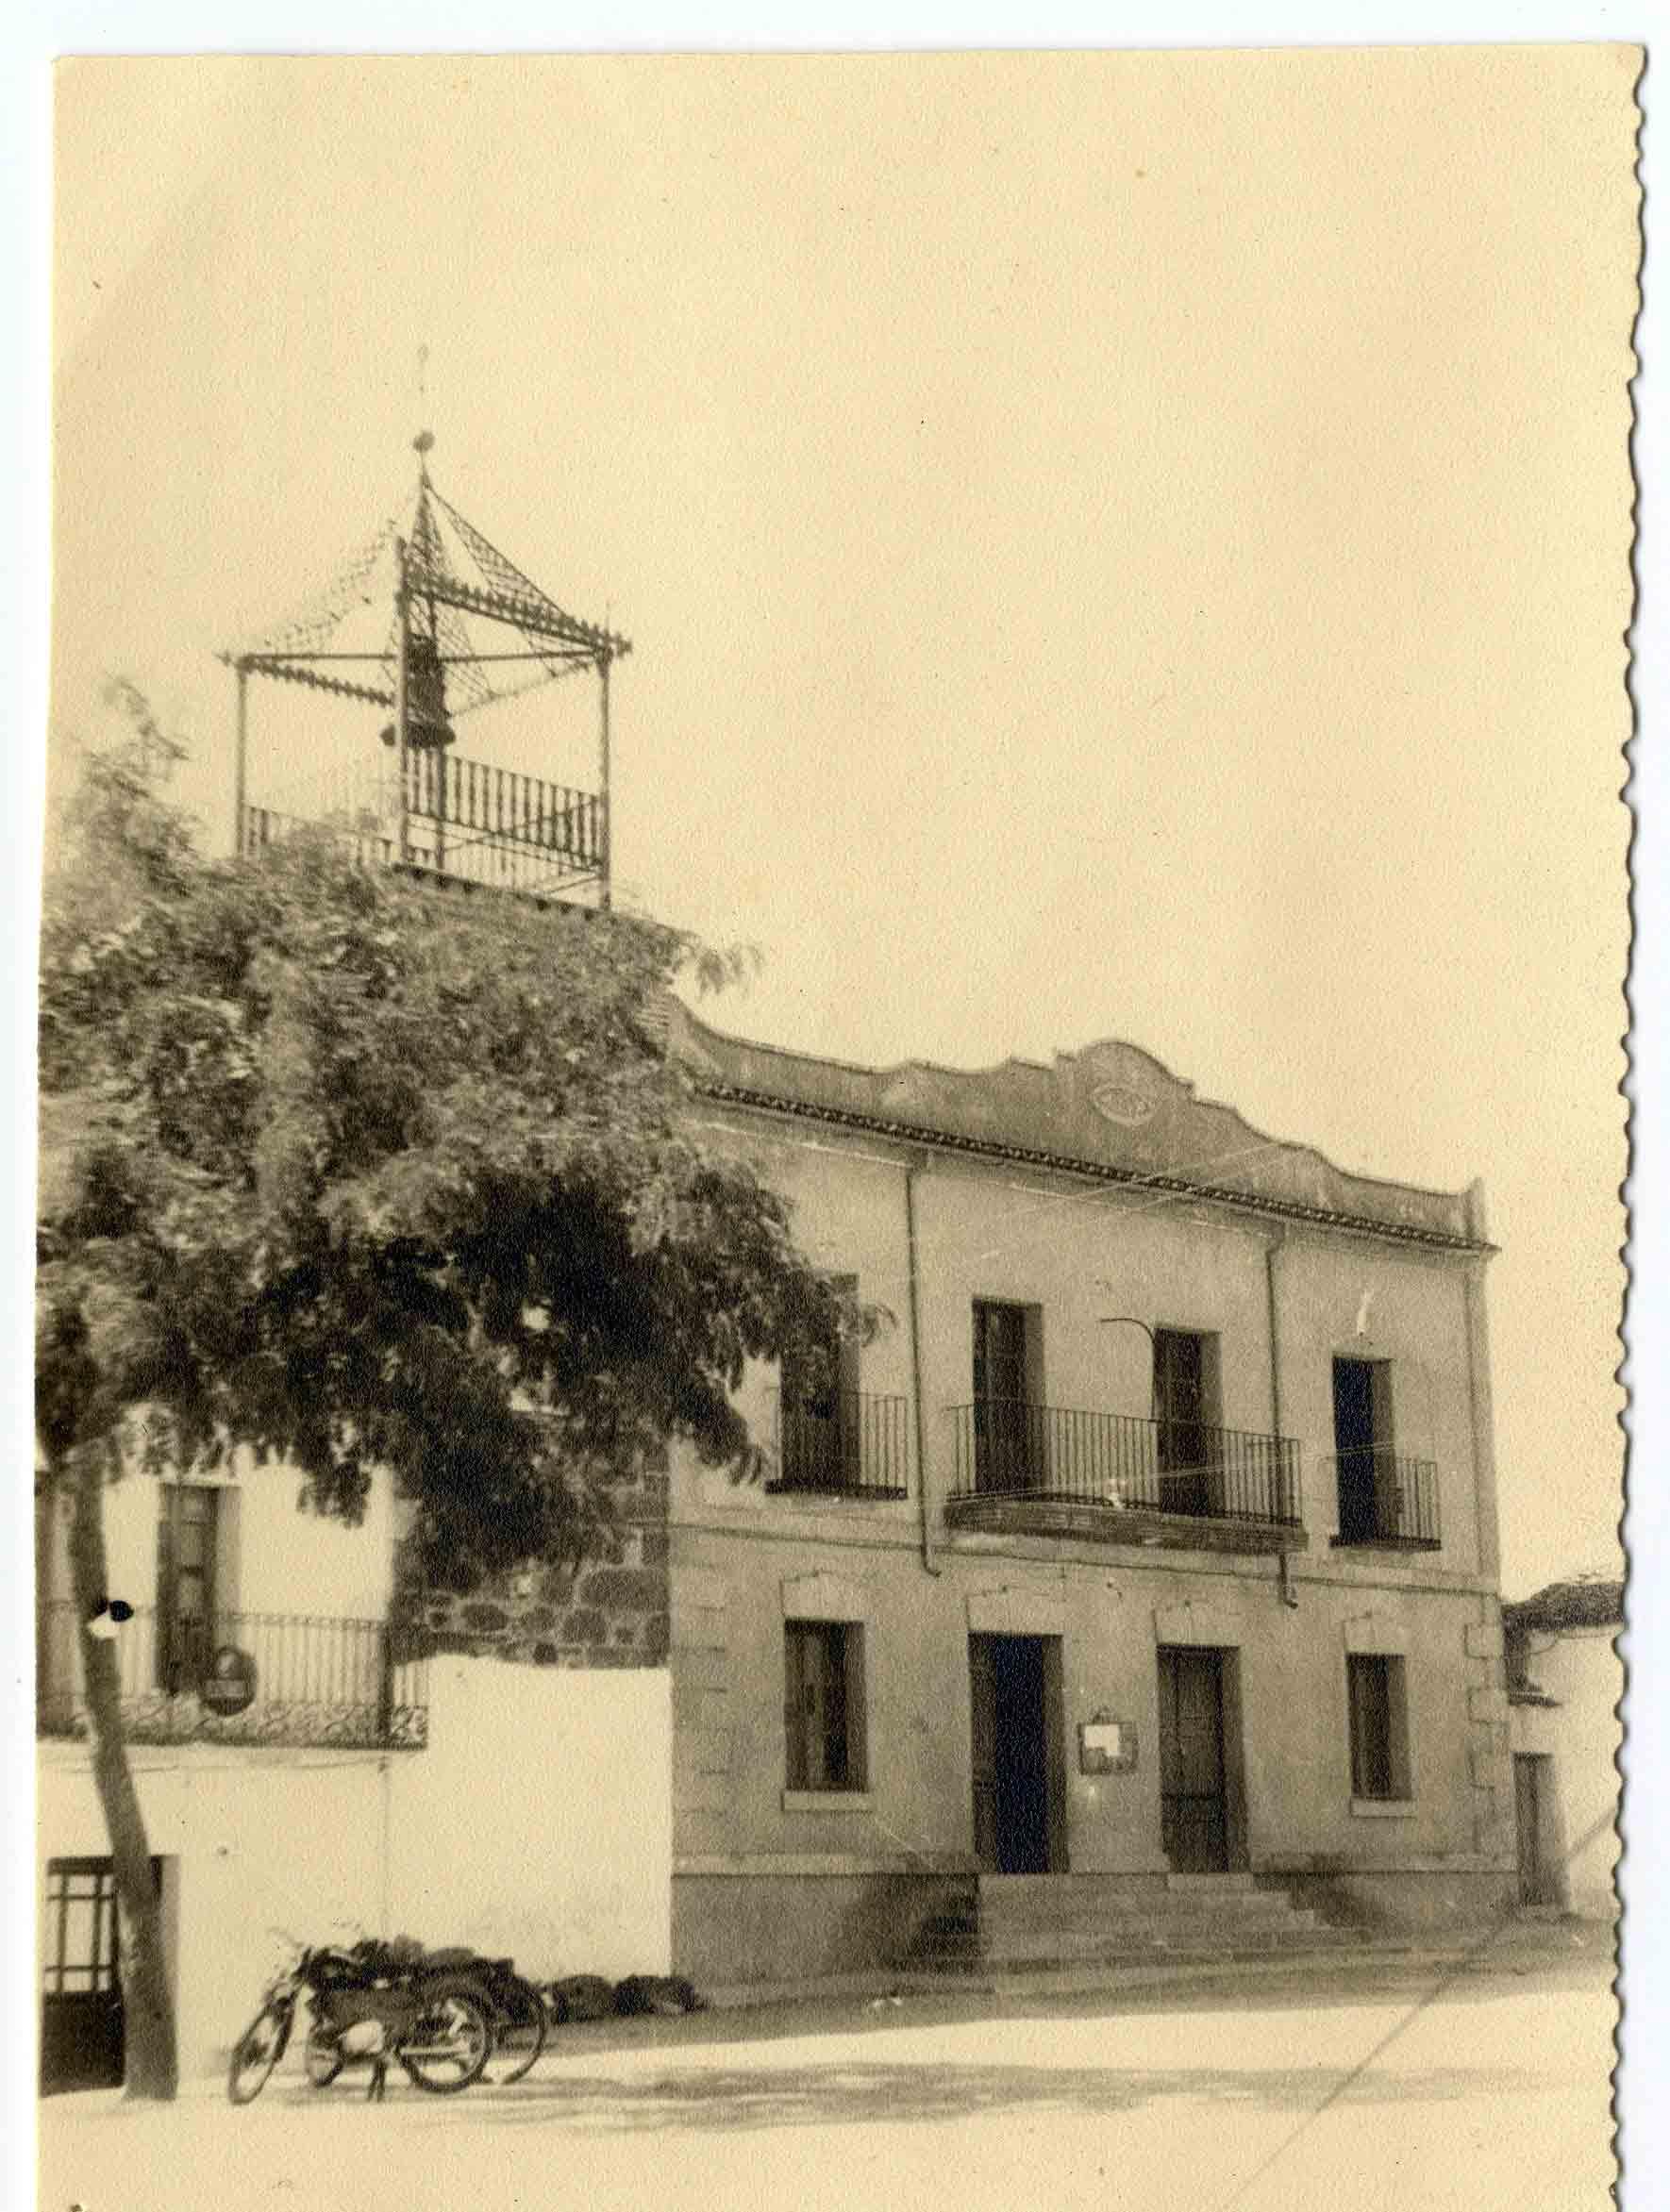 Parrillas. Casa Ayuntamiento. 1960 (P-723)